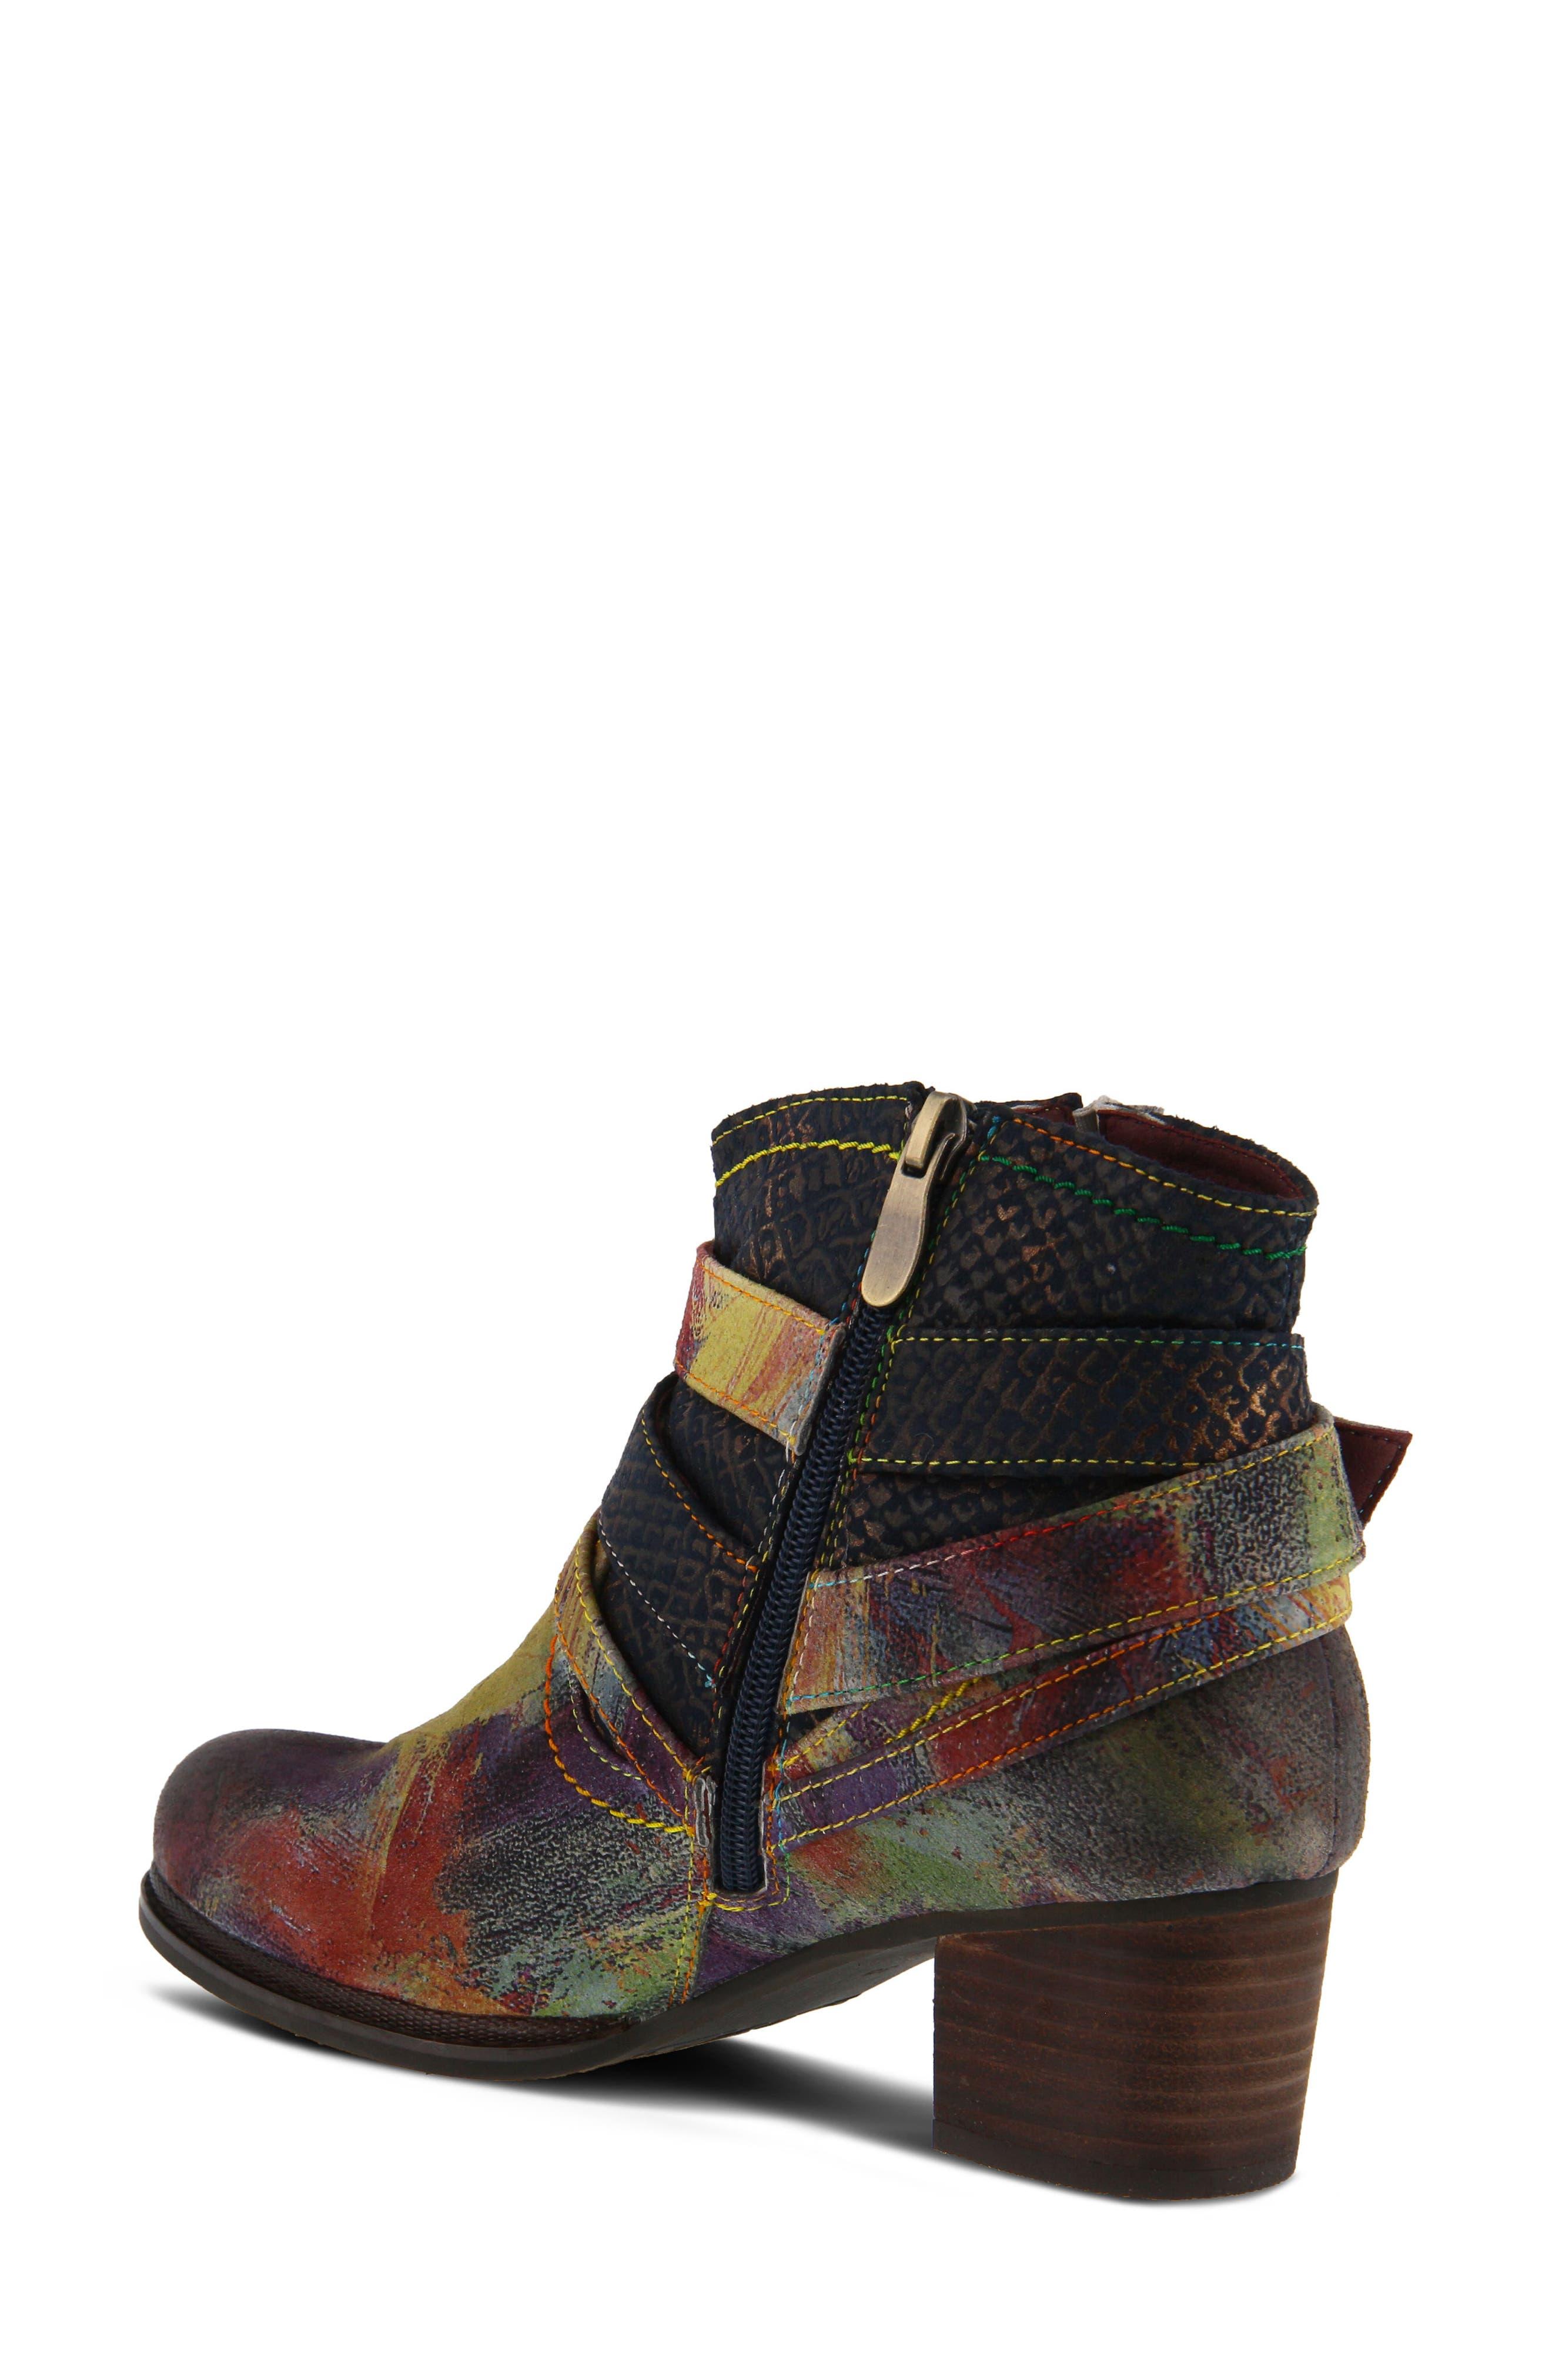 Alternate Image 2  - L'Artiste Shazzam Boot (Women)